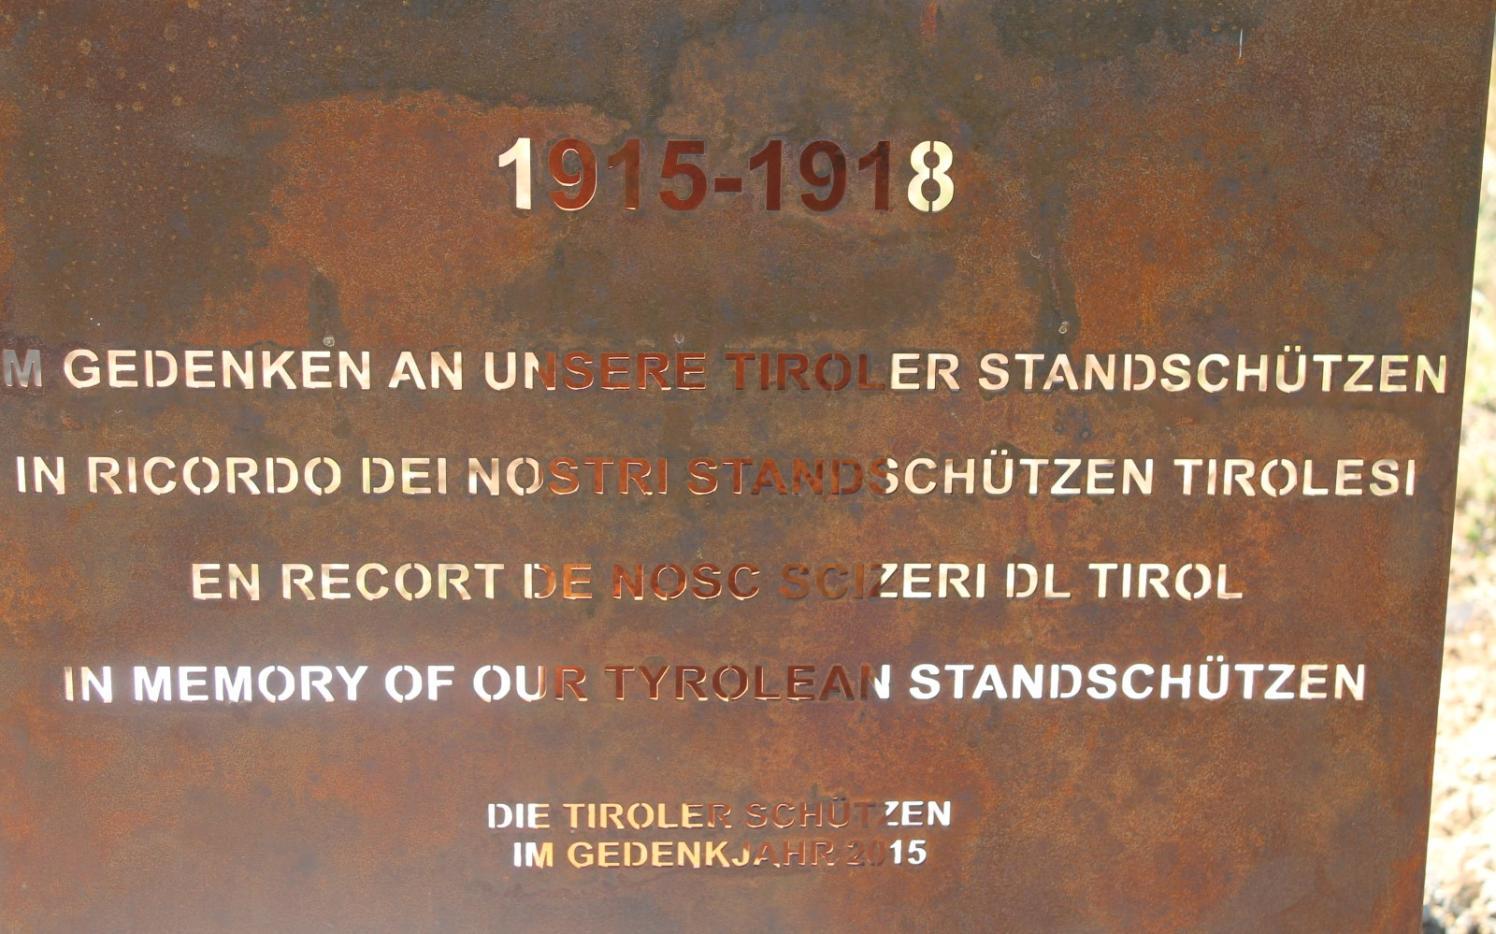 2015_Algund Malga Colo Süd Front Welsch Tirol_Gedenkkreuz Standschützen (3)